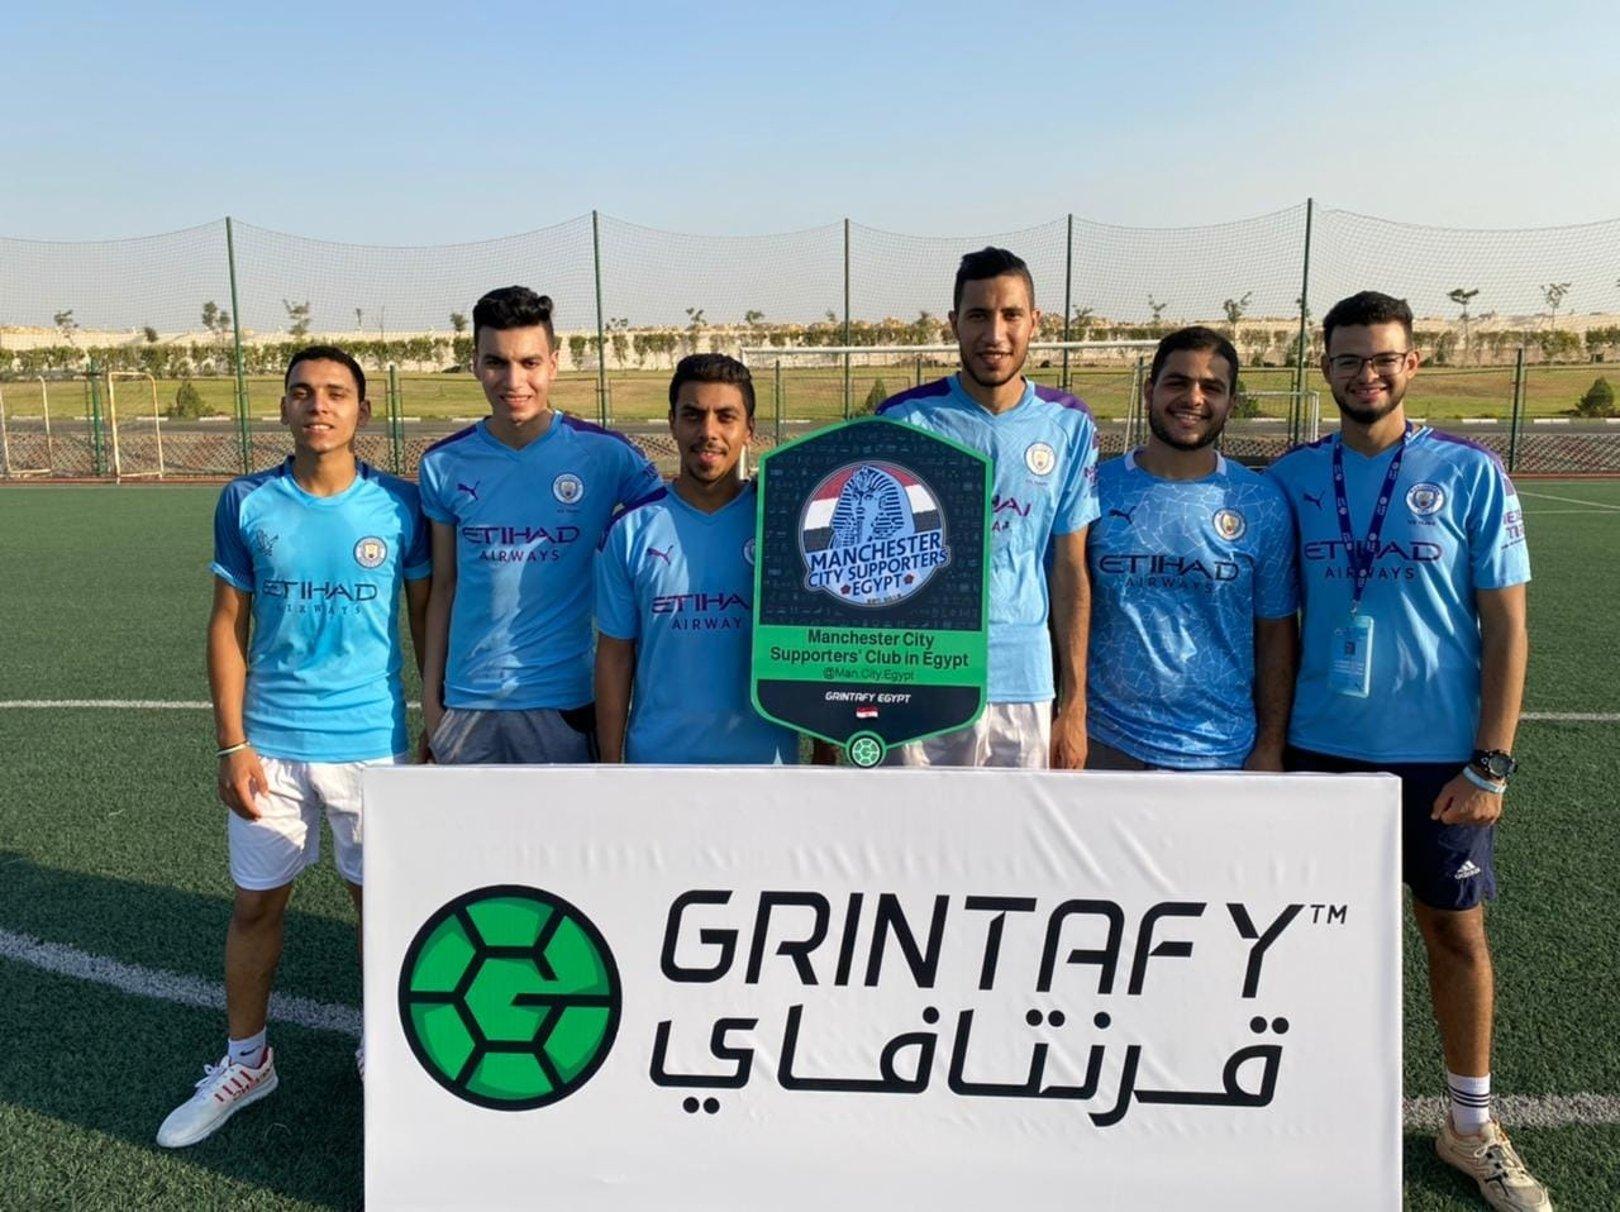 فريق رابطة مشجعي السيتي في مصر